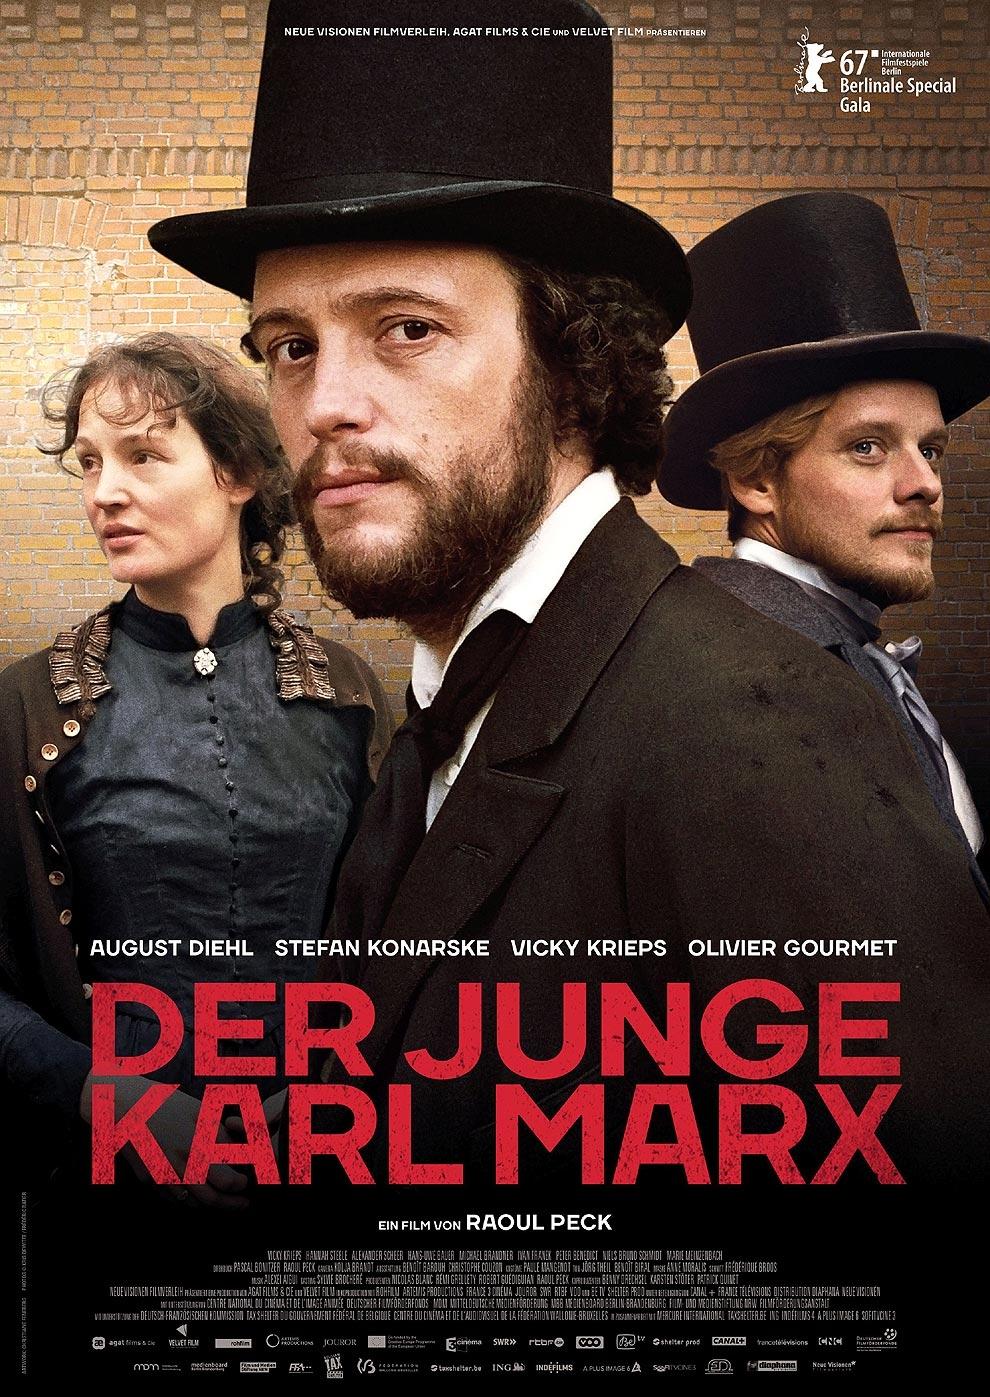 Der junge Karl Marx (Poster)